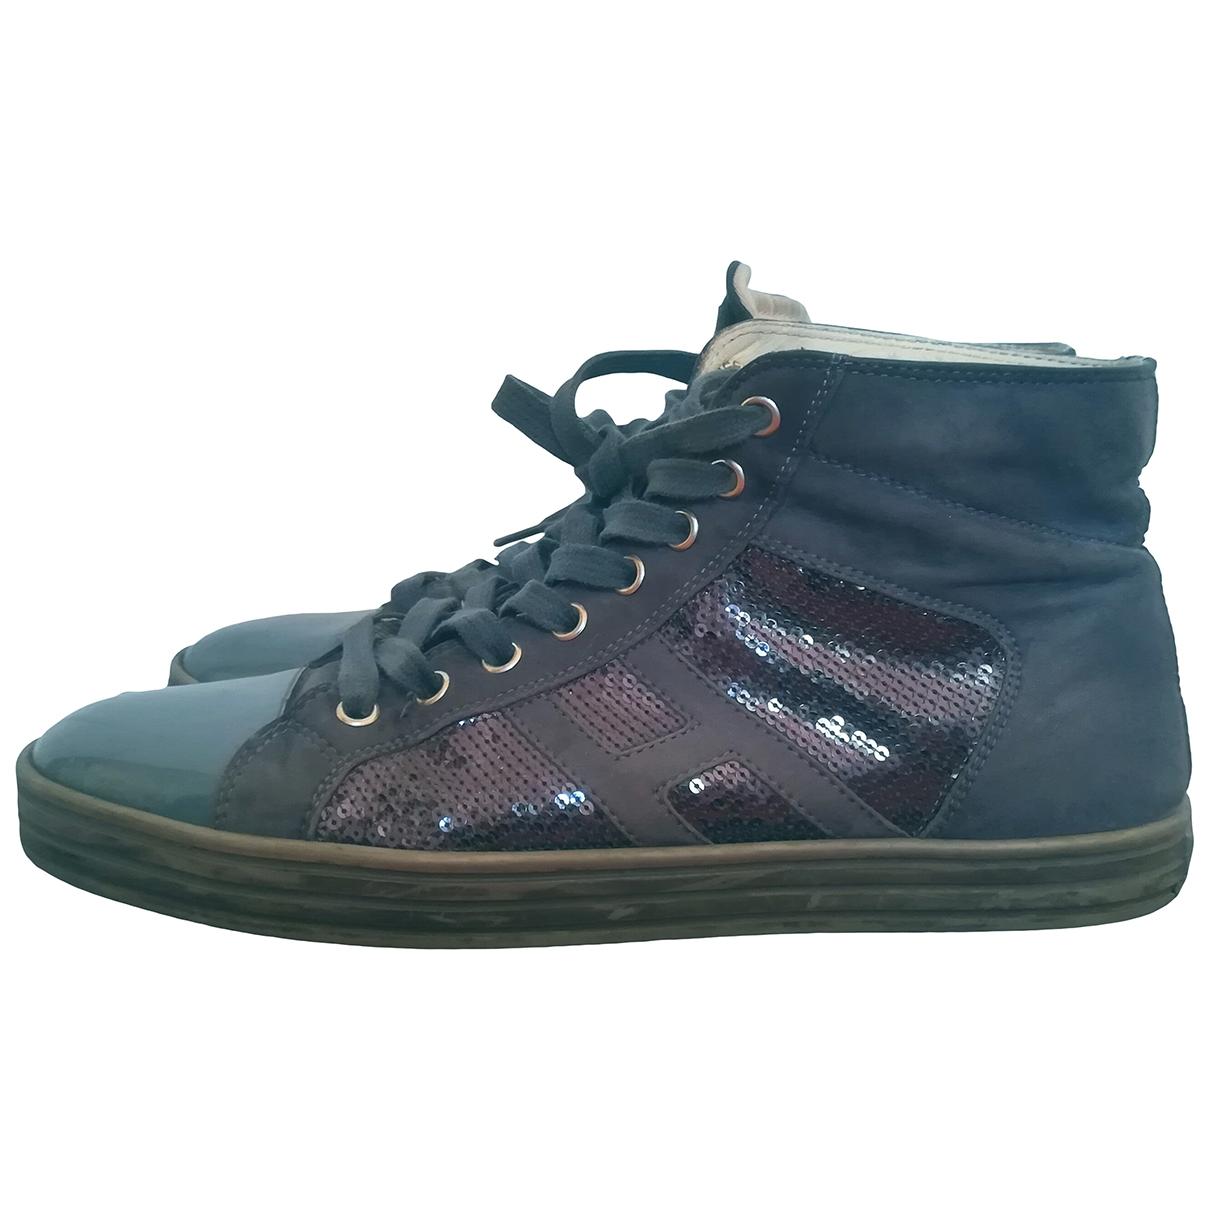 Hogan \N Sneakers in  Blau Kautschuk